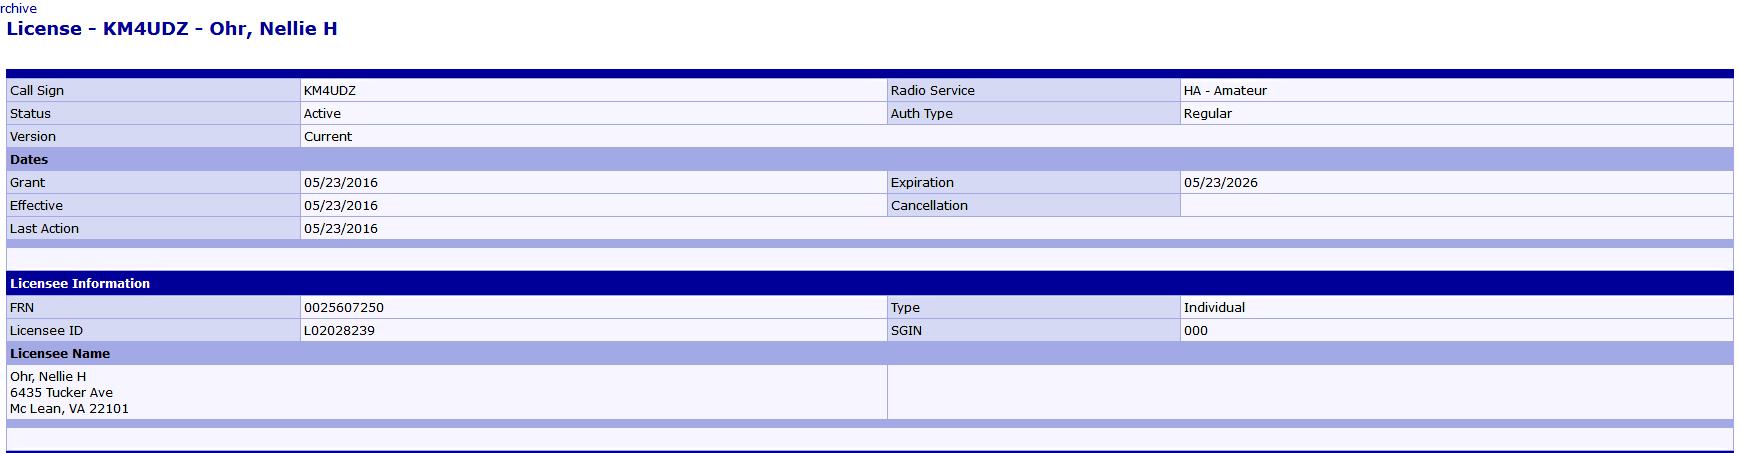 Nellie Ohr's HAM Radio License